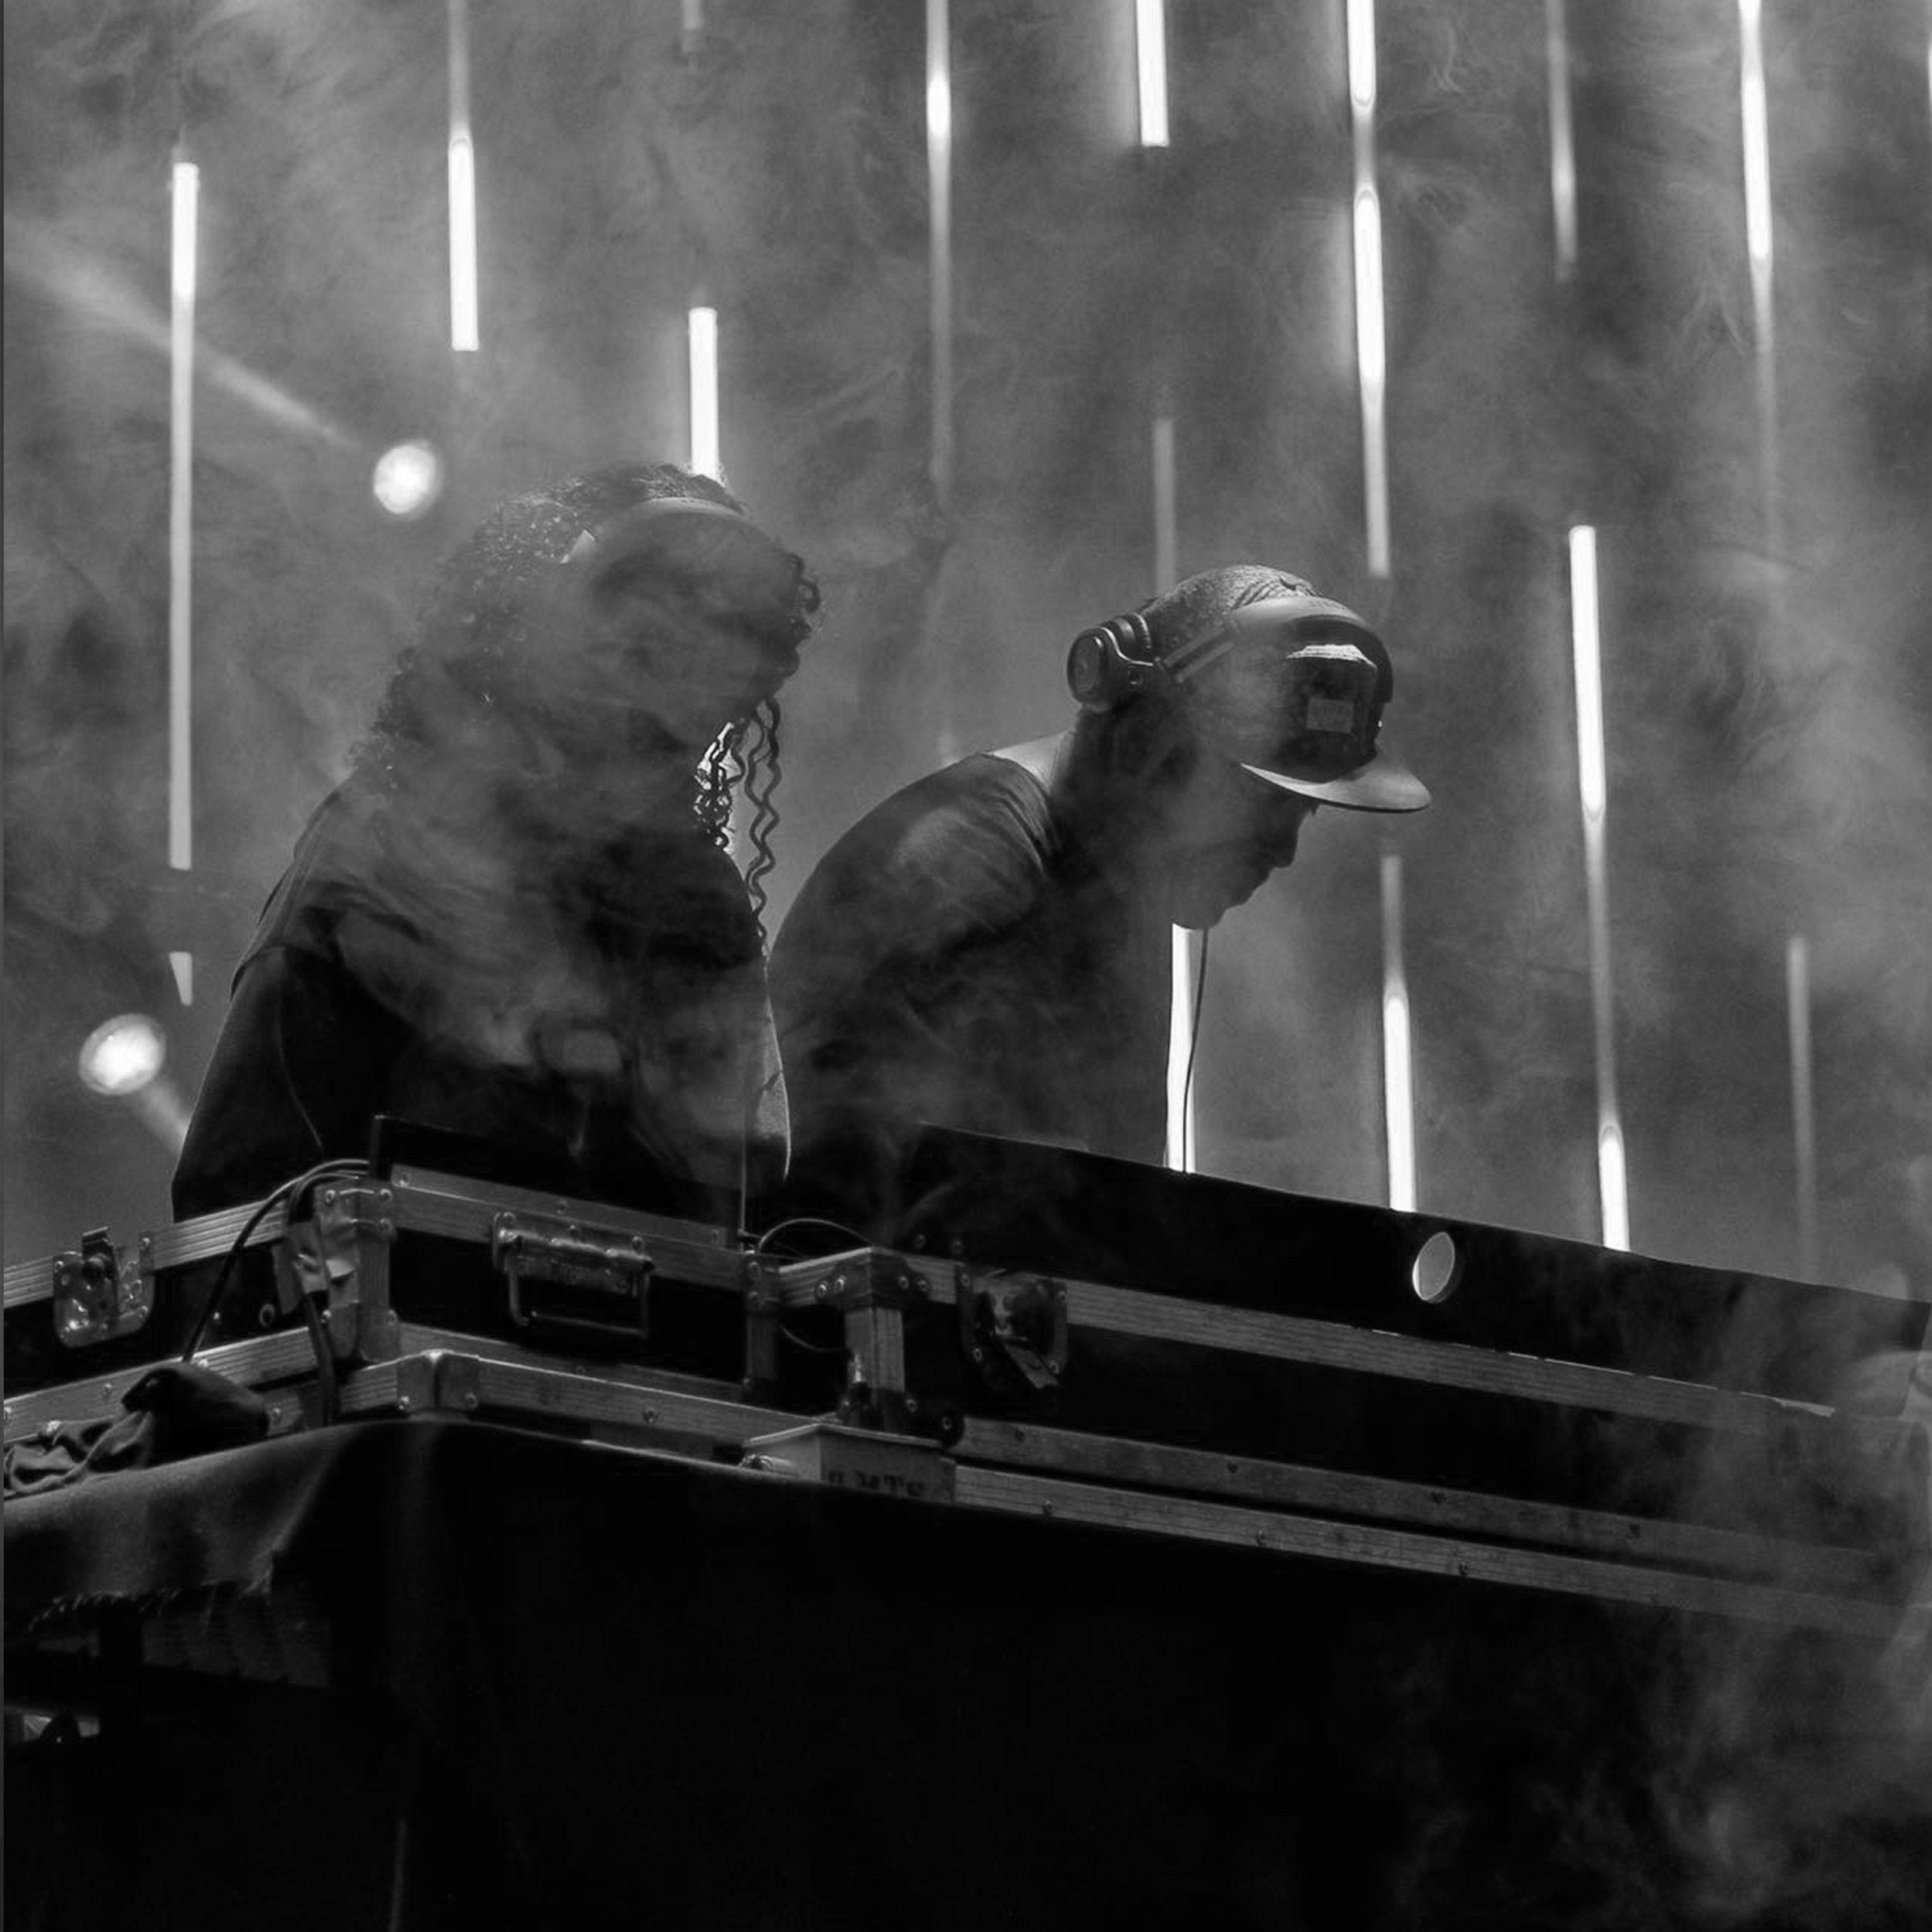 Moose & Bear - Ciudad de México, MX